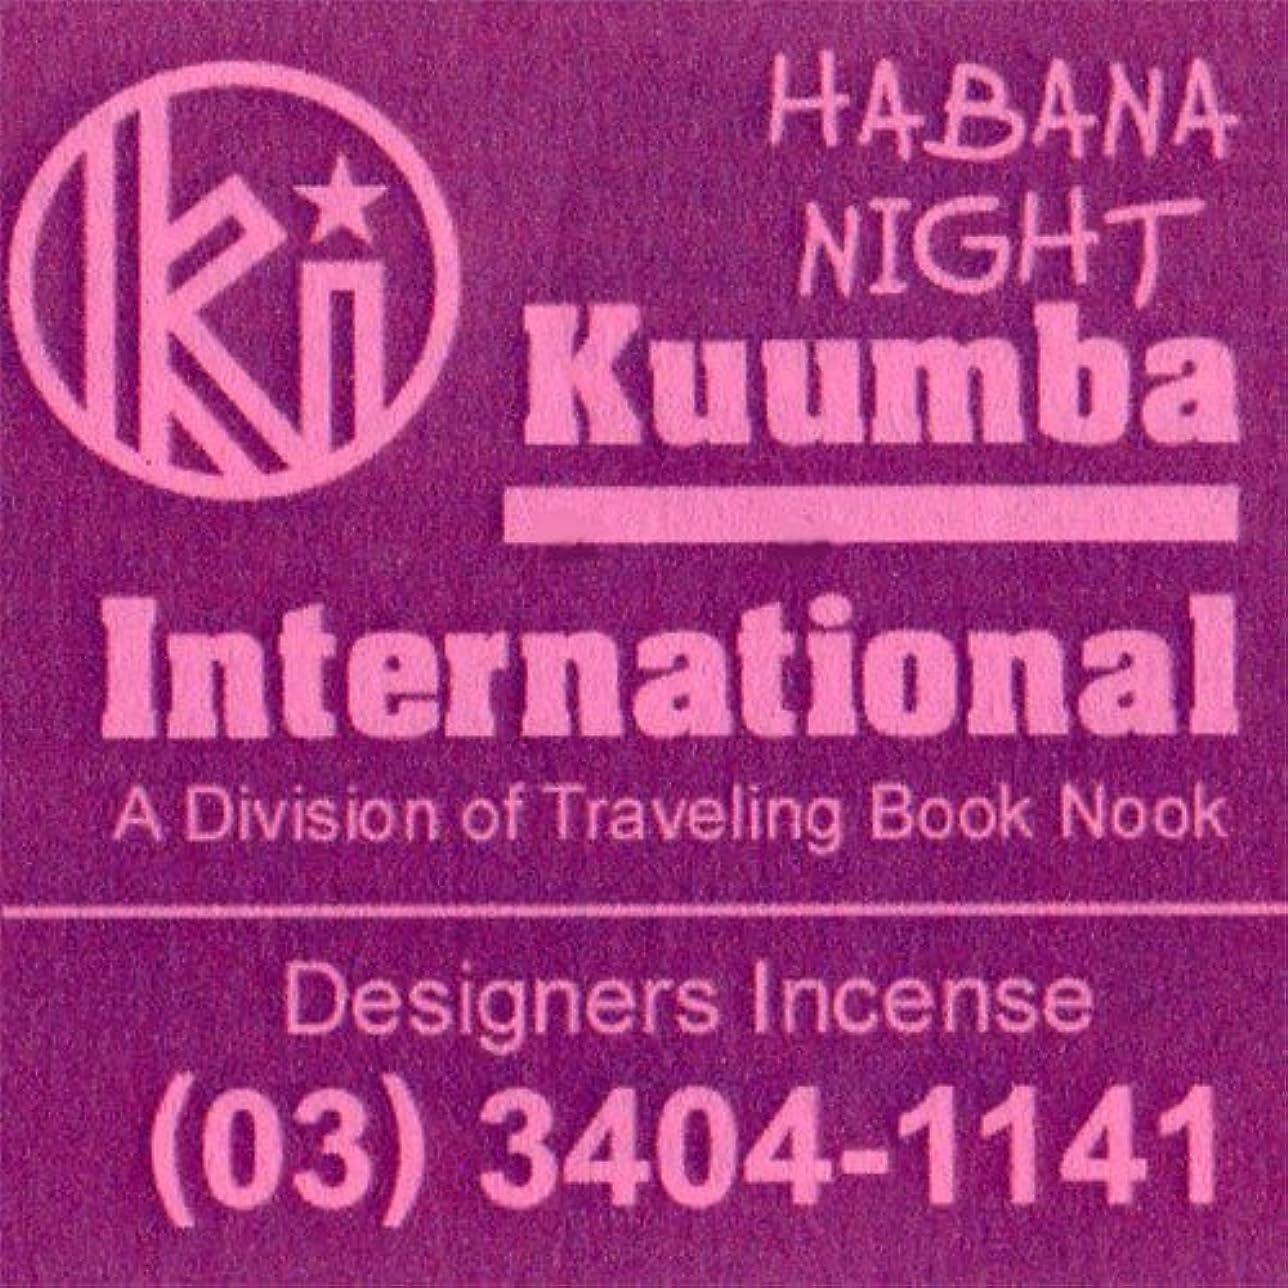 花婿ラフ睡眠デンマーク語KUUMBA/クンバ『incense』(HABANA NIGHT) (Regular size)